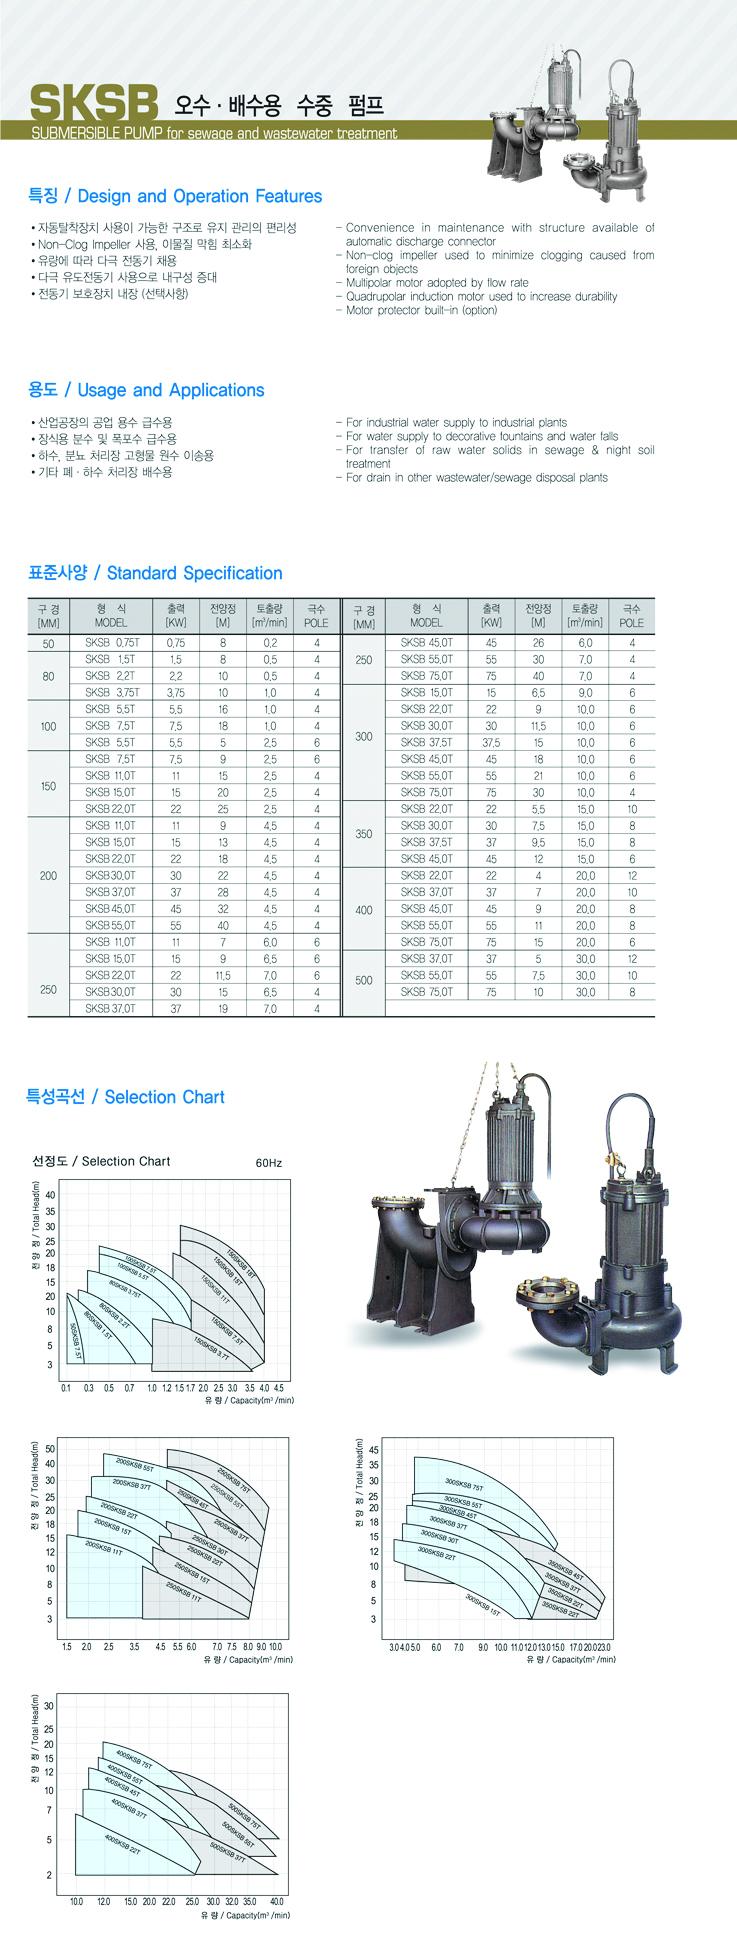 오수배수용수중펌프(sksb).jpg